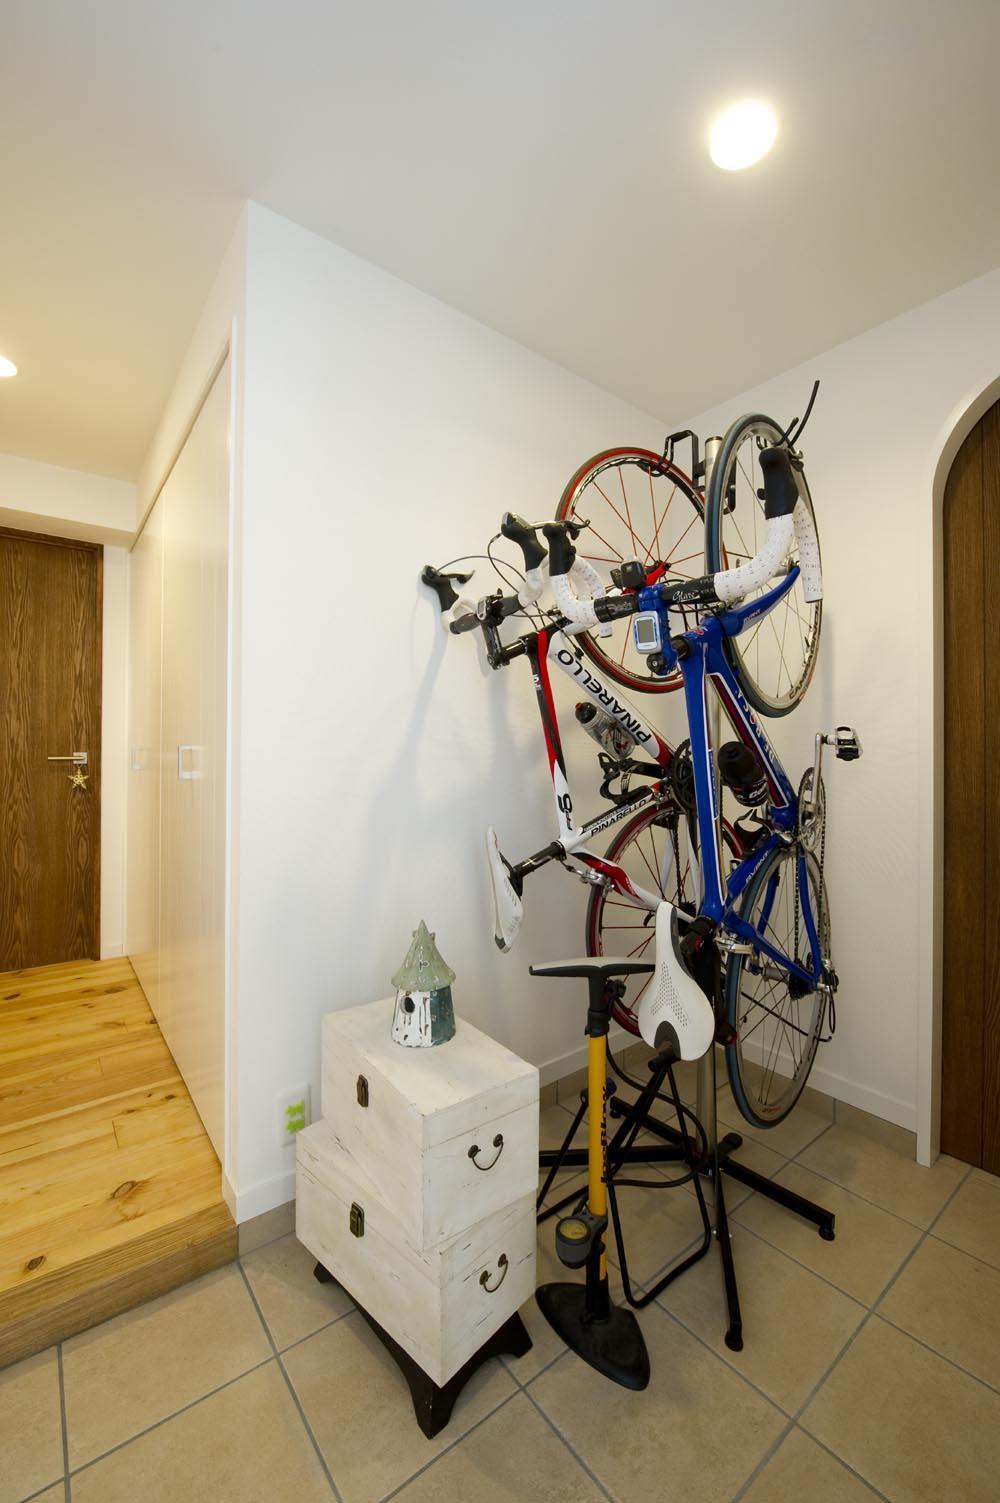 リフォーム・リノベーション会社:スタイル工房「I邸・斜めに配置したキッチンで、動きと変化を」